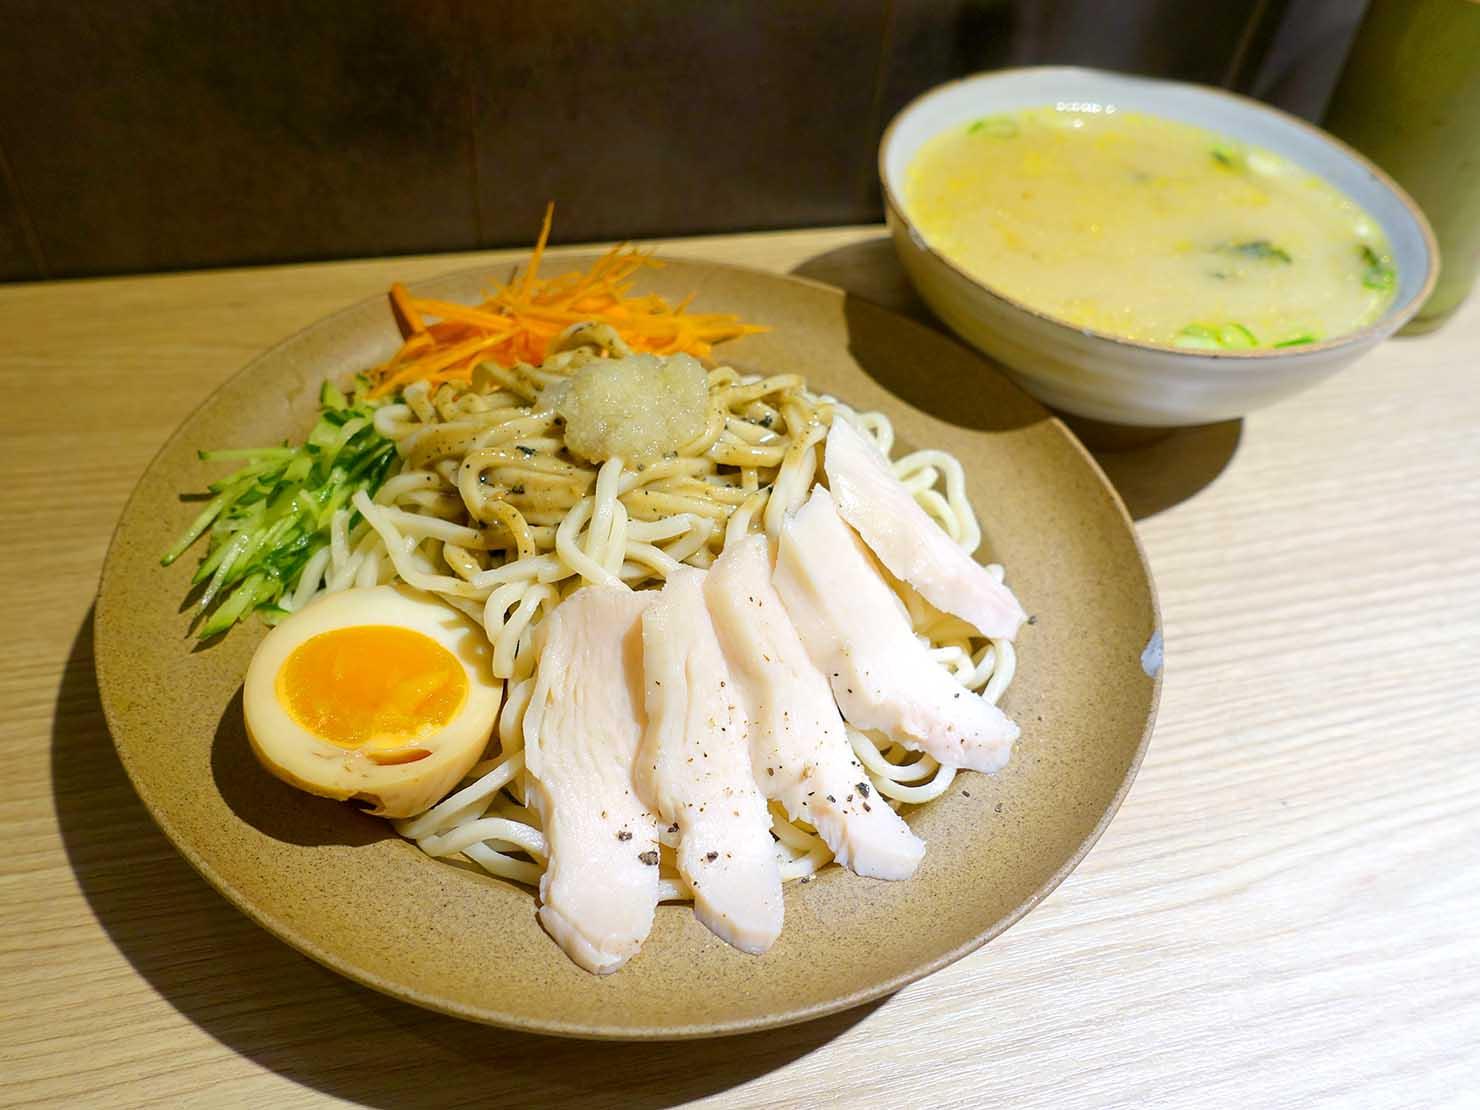 台北駅最寄りのグルメタウン・雙連のおすすめグルメ店「小良絆」の深培胡麻涼麵